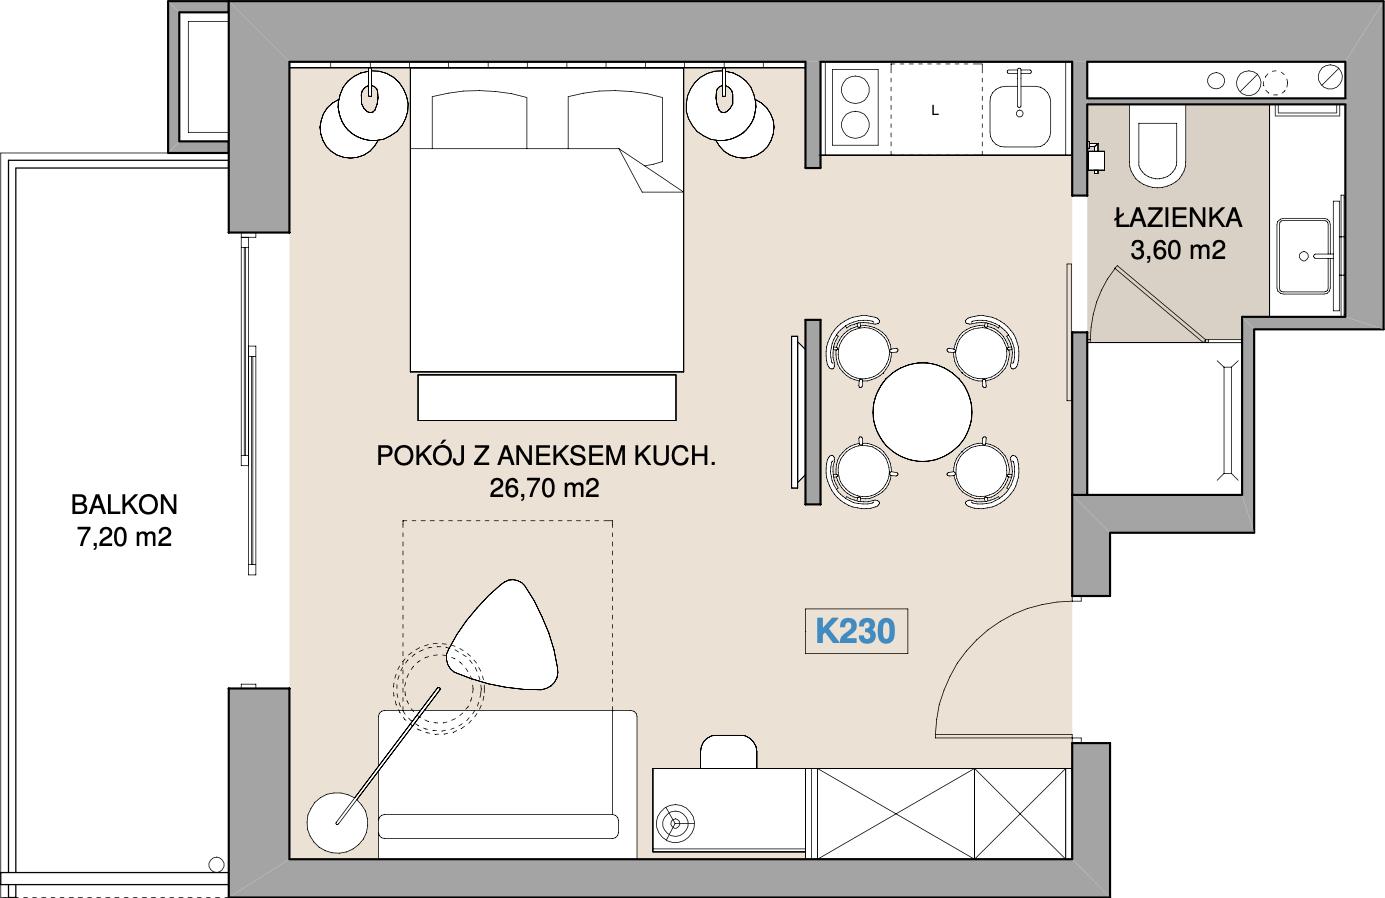 Apartament K230